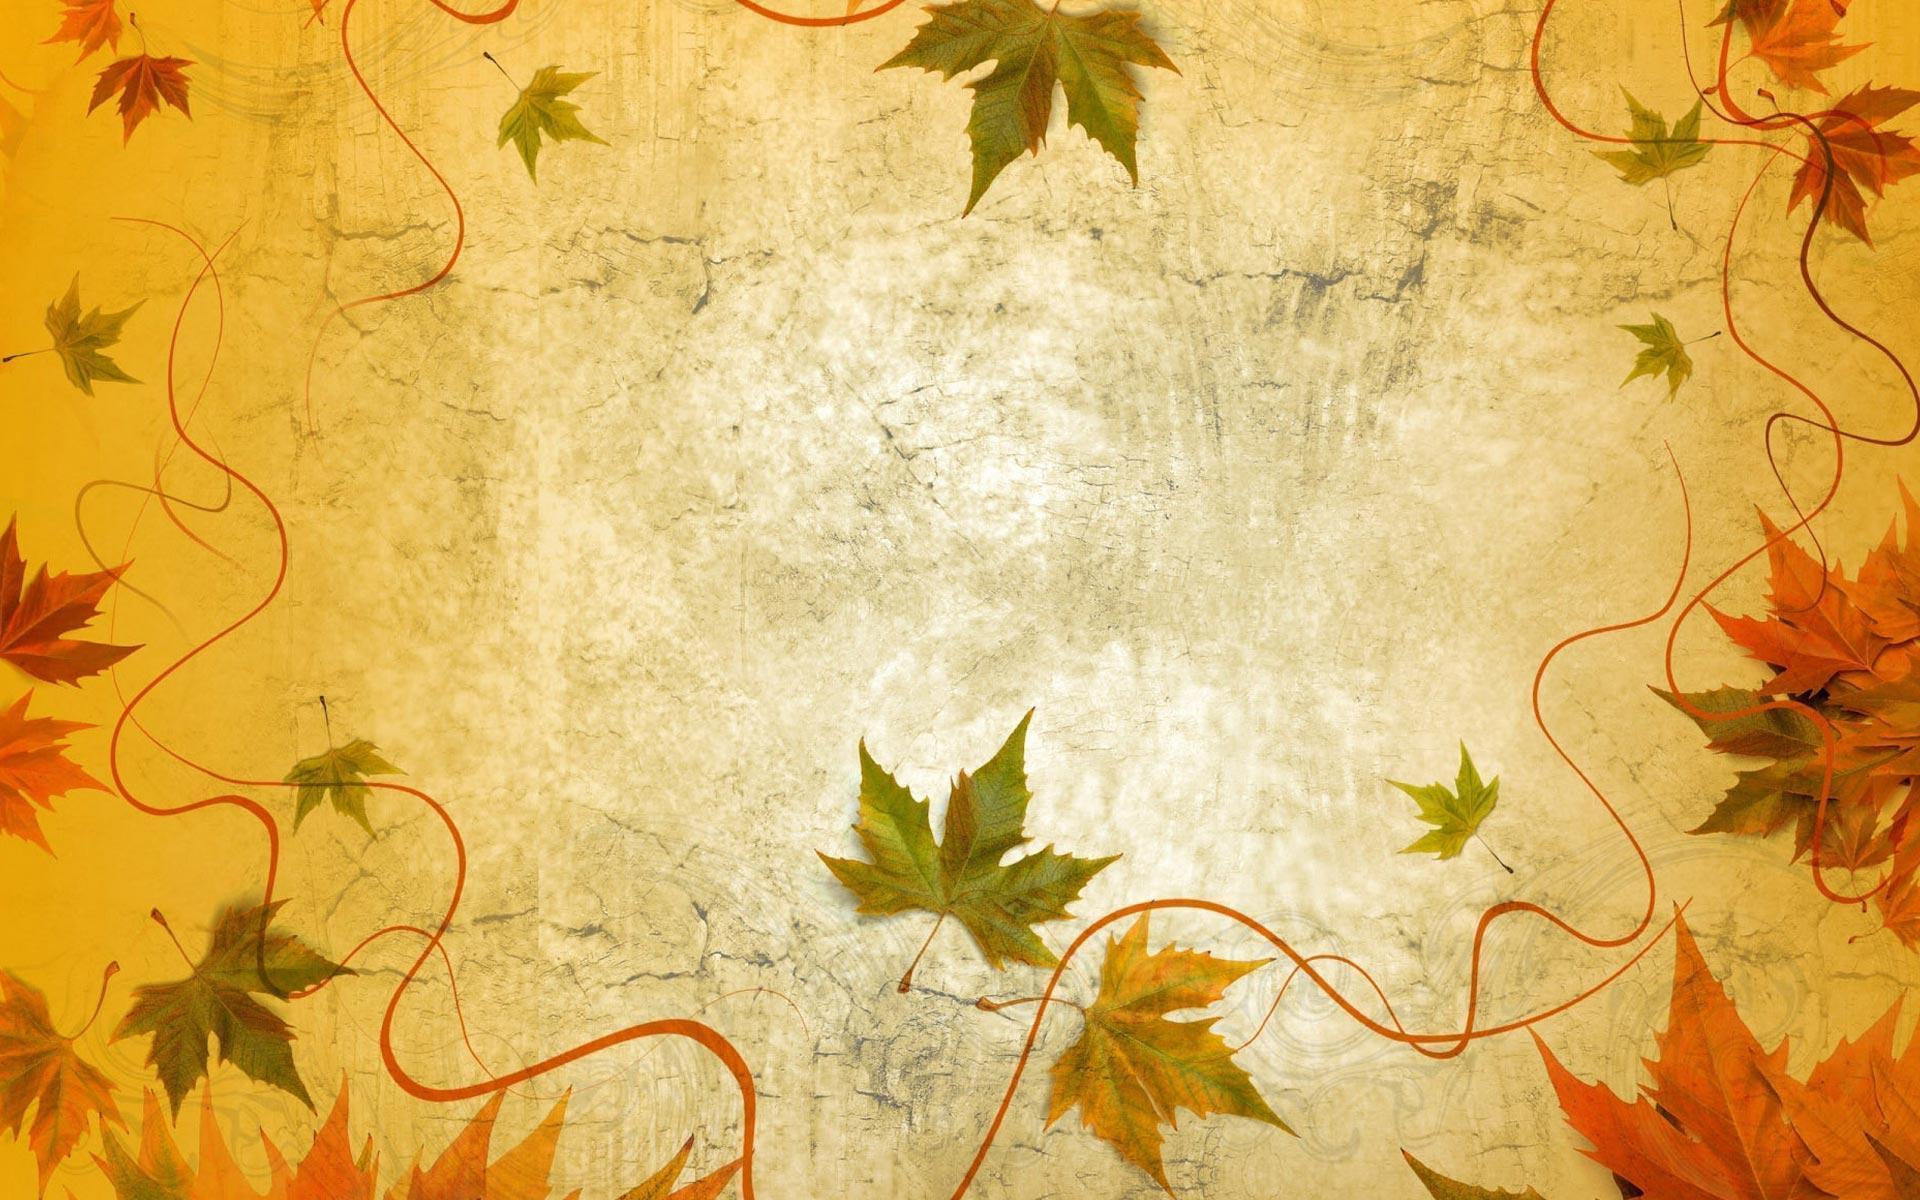 Фоны для открытки осень в хорошем качестве, открытки каждый день